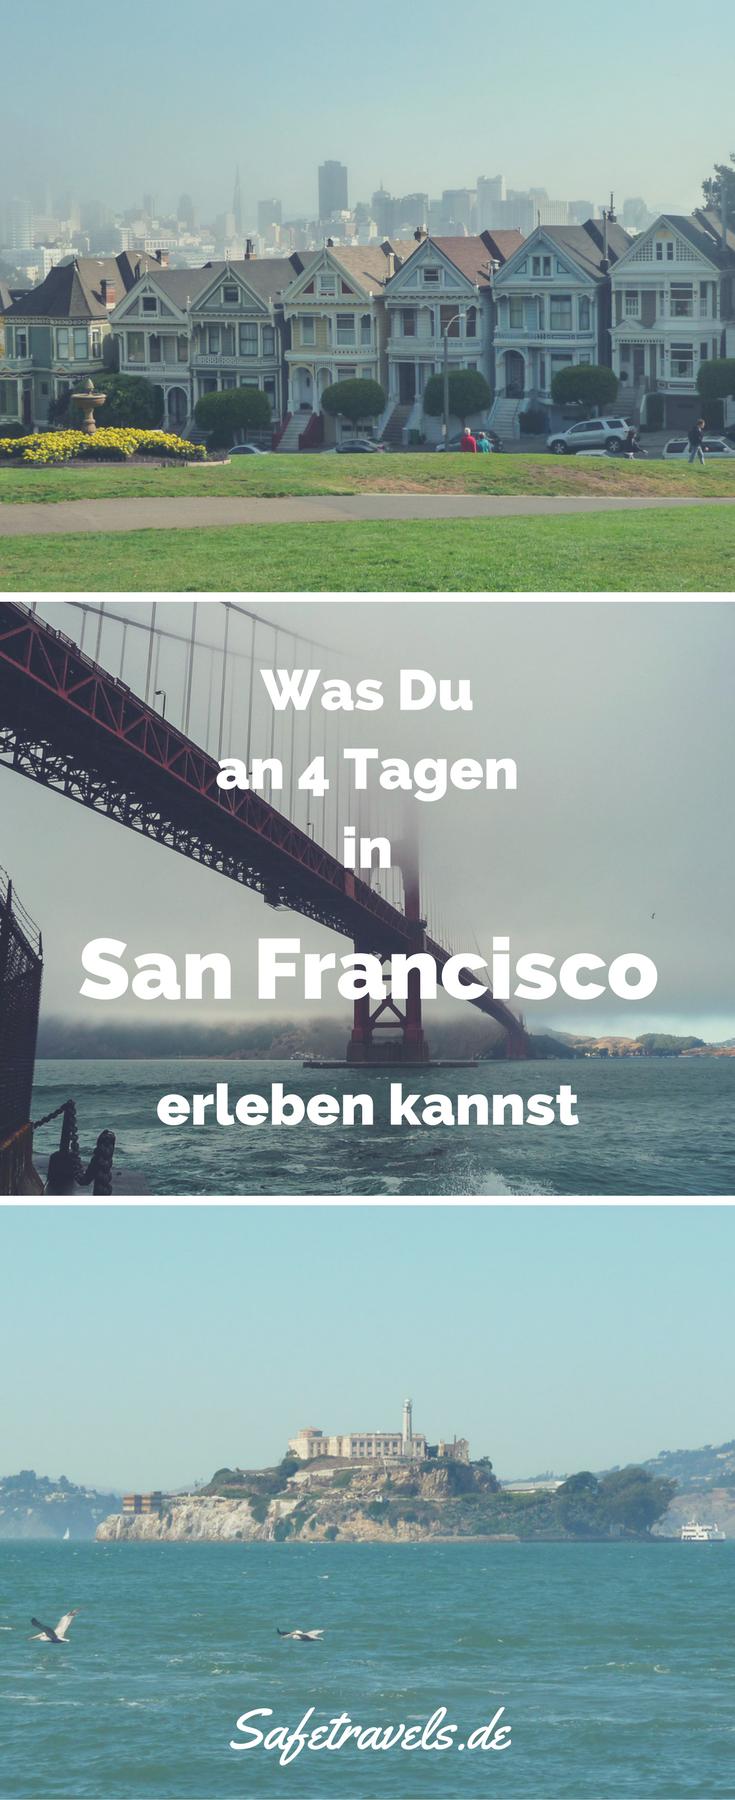 De Alcatraz a Union Square: lo que puede experimentar en 4 días en San Francisco